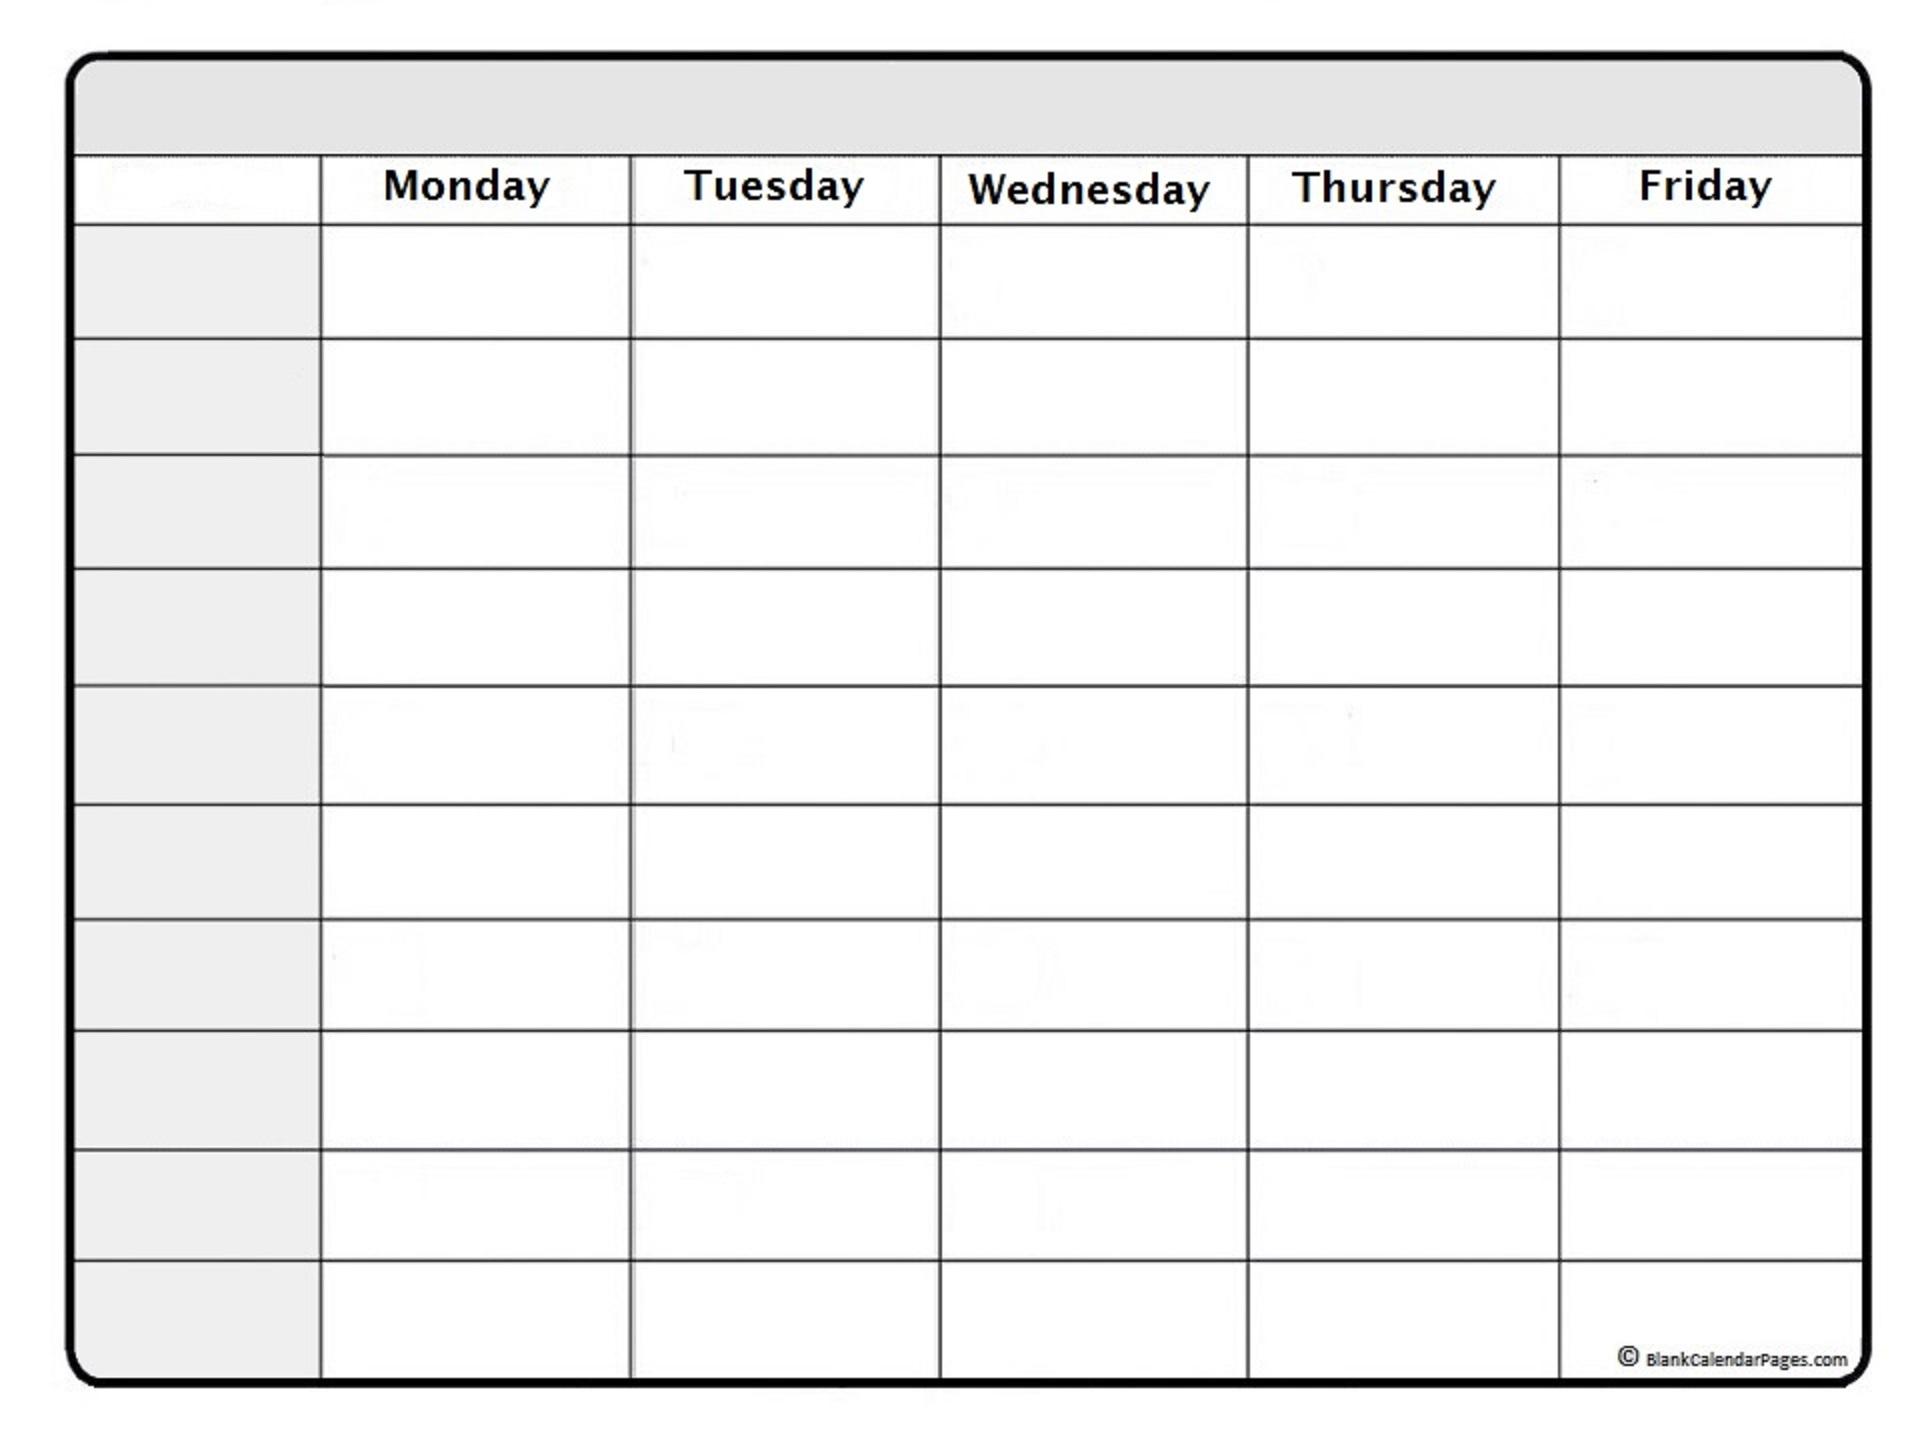 January 2020 Weekly Calendar | January 2020 Weekly Calendar in One Week Calendar Printable